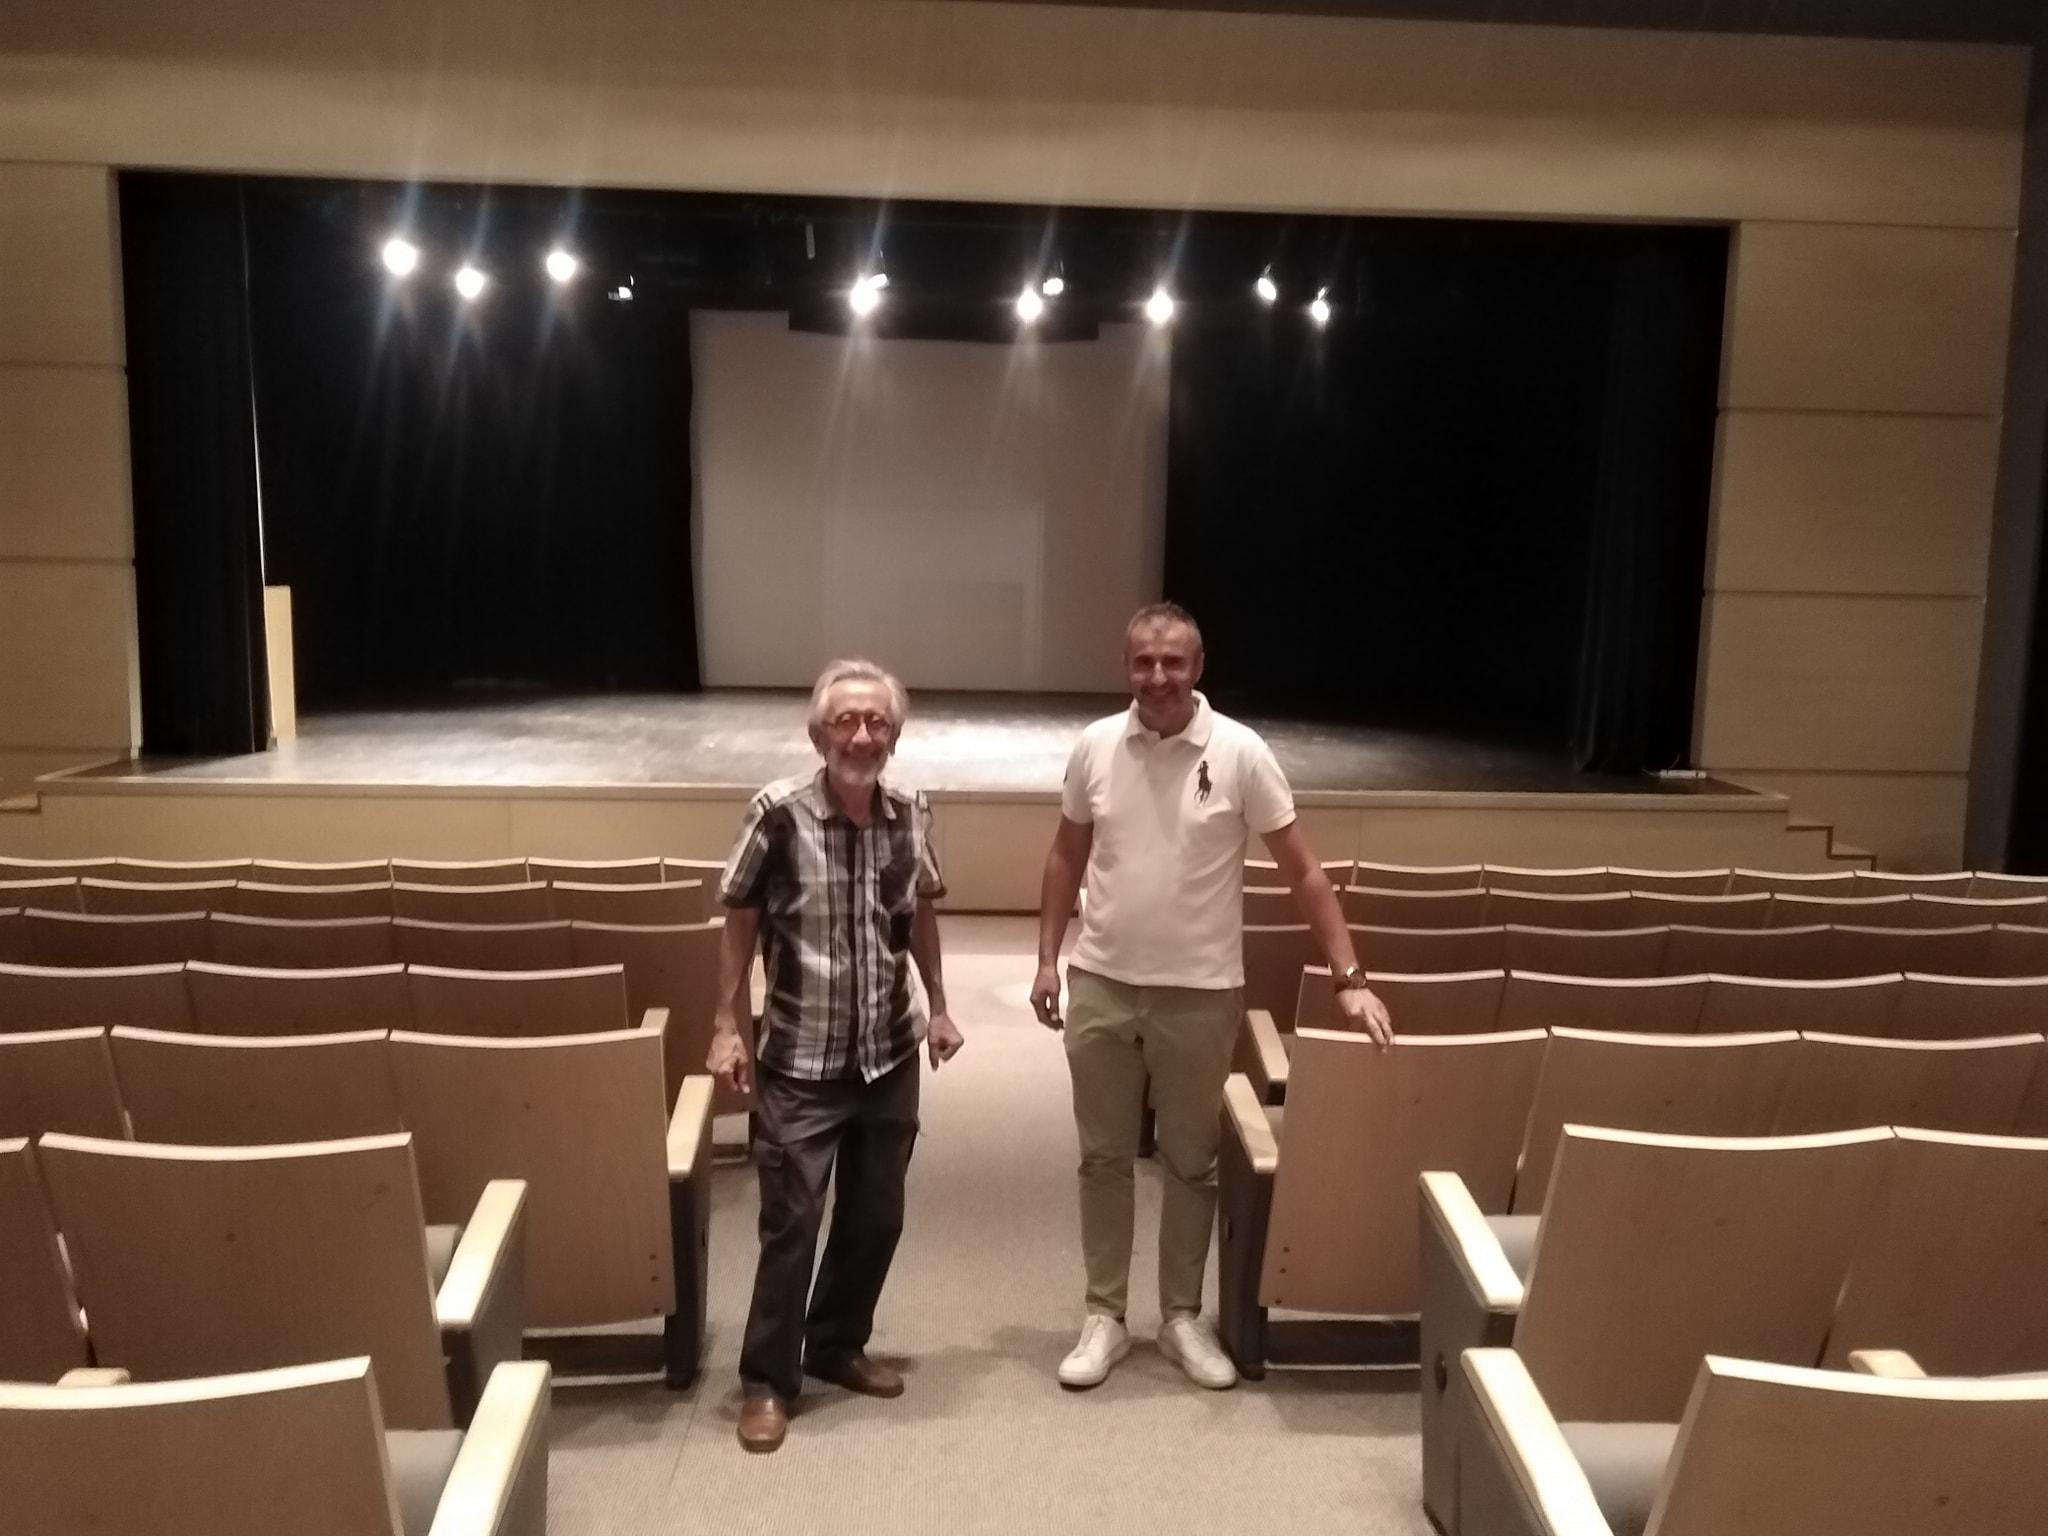 Επίσκεψη Παλαντζίδη στο θέατρο του ΚΑΠΠΑ